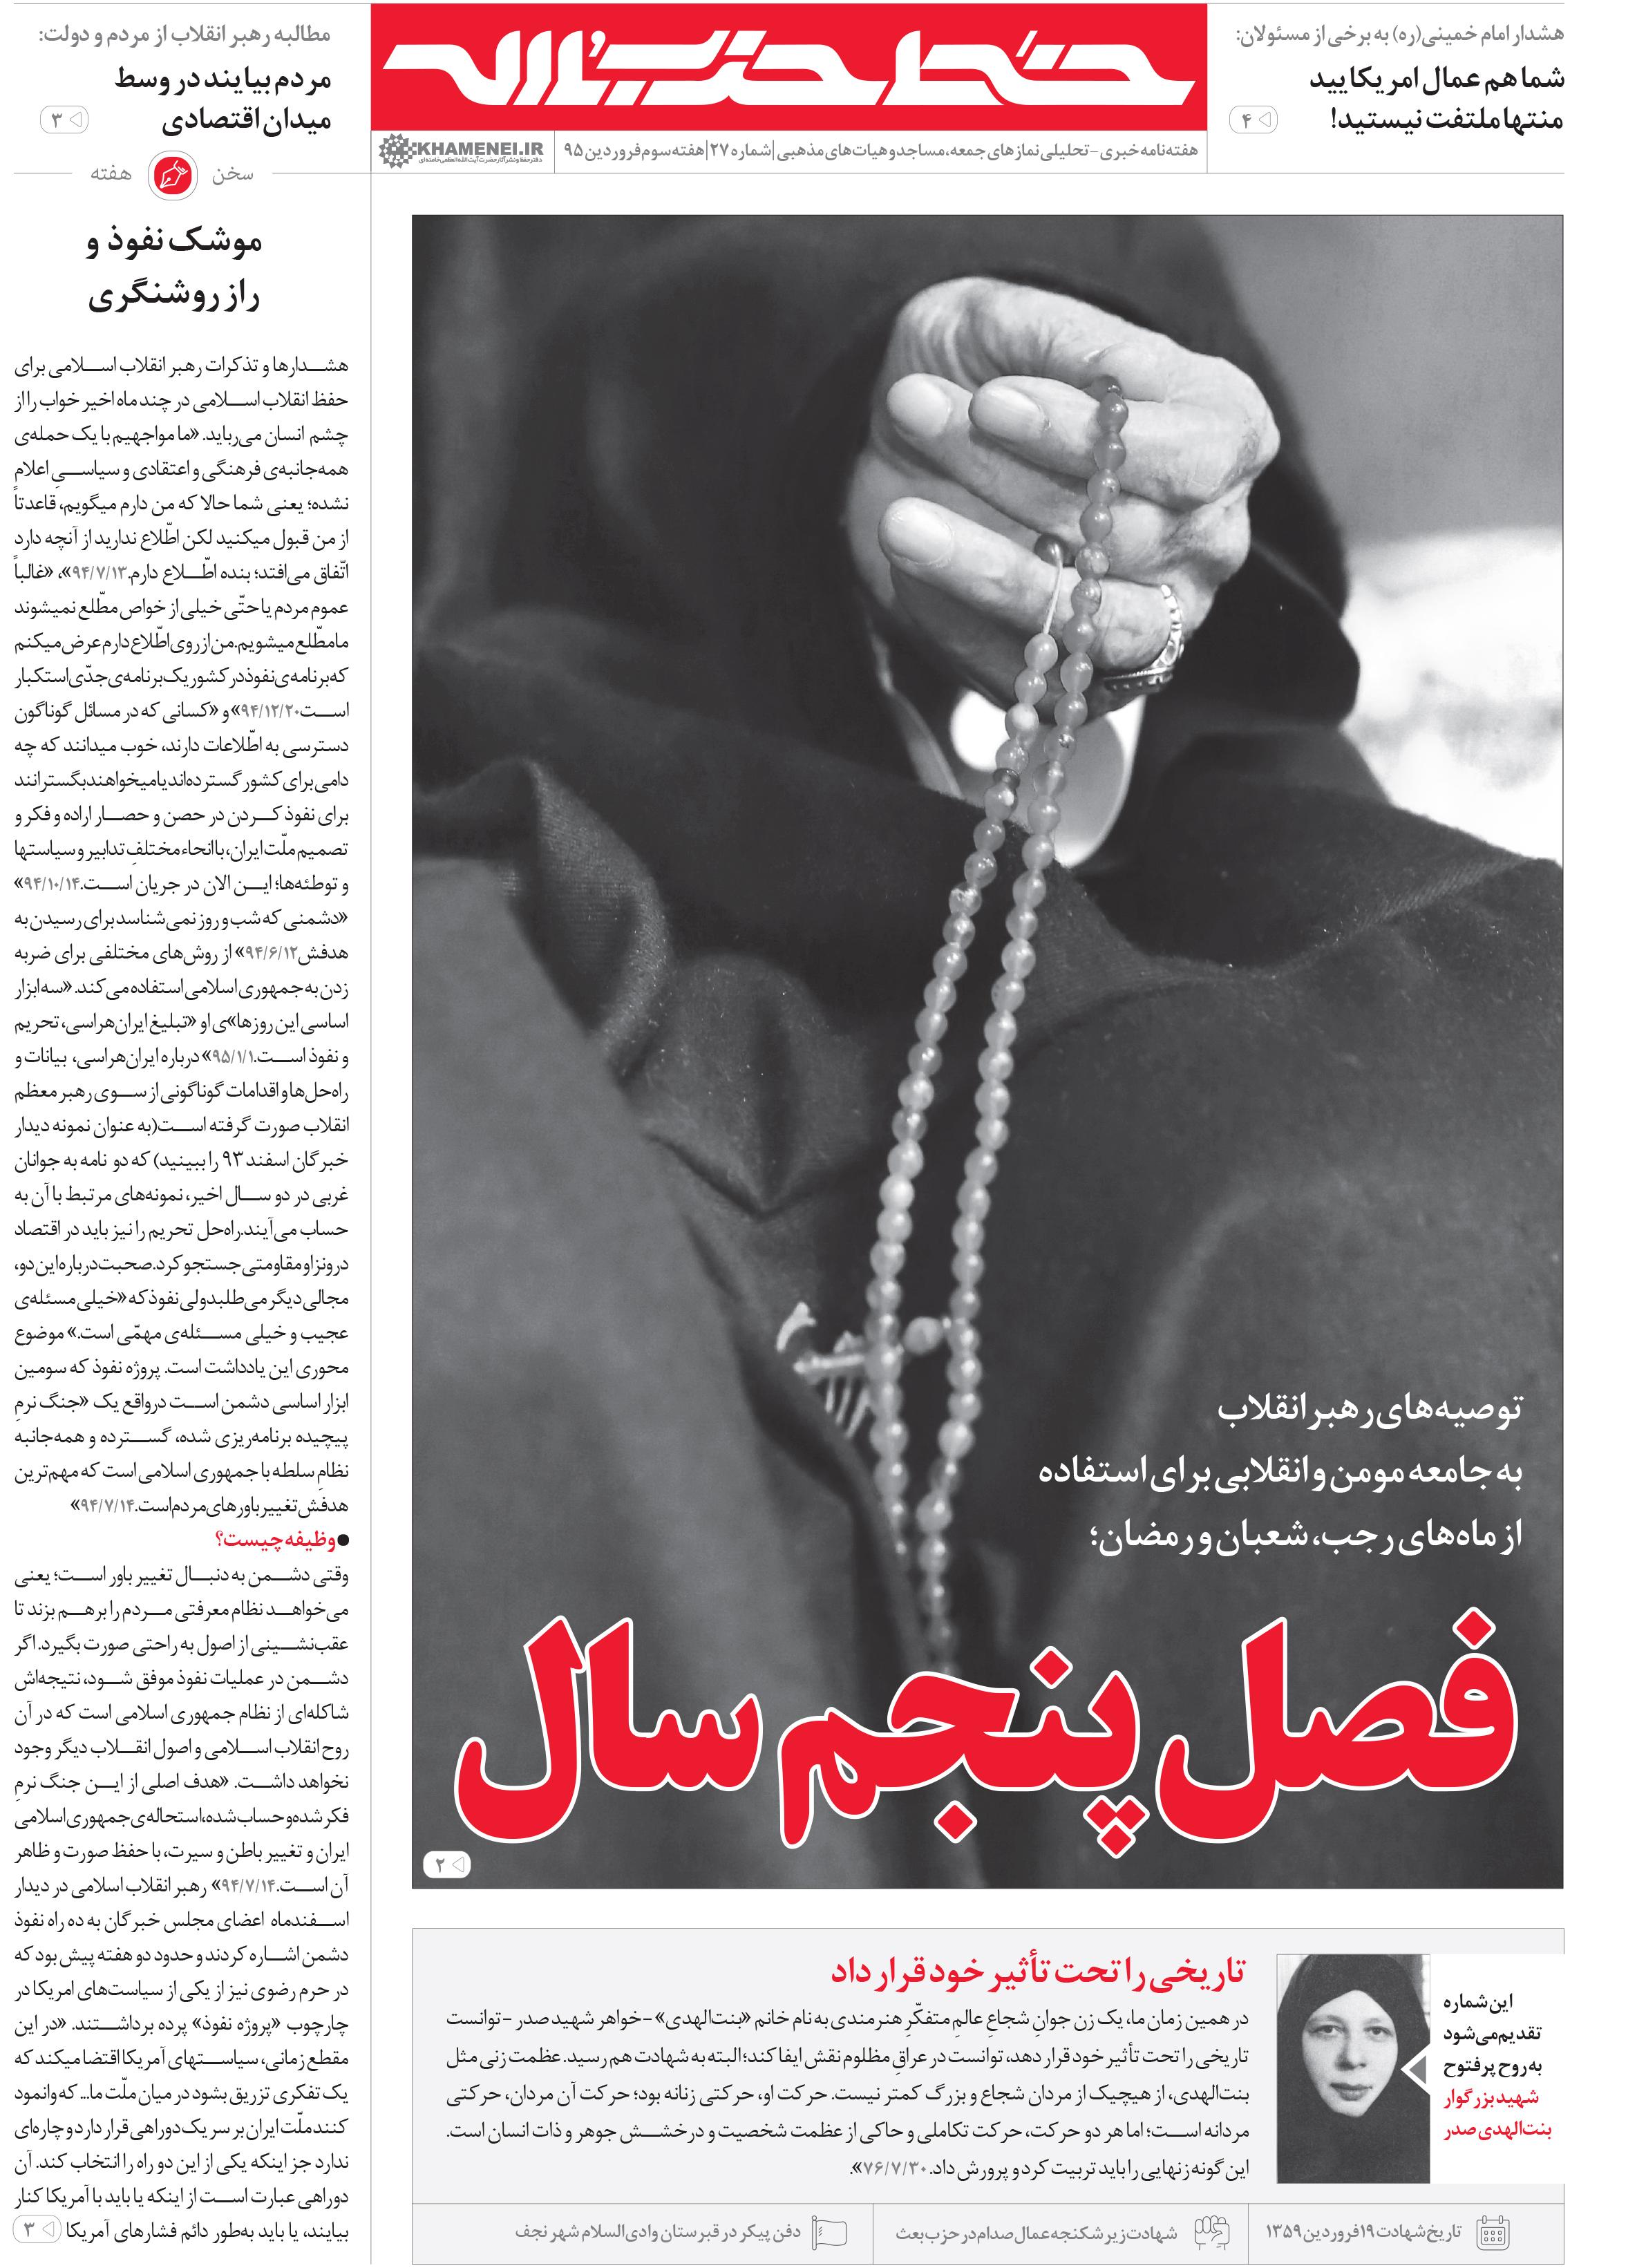 بیست و هفتمین شماره خط حزب الله در «فصل پنجم سال»